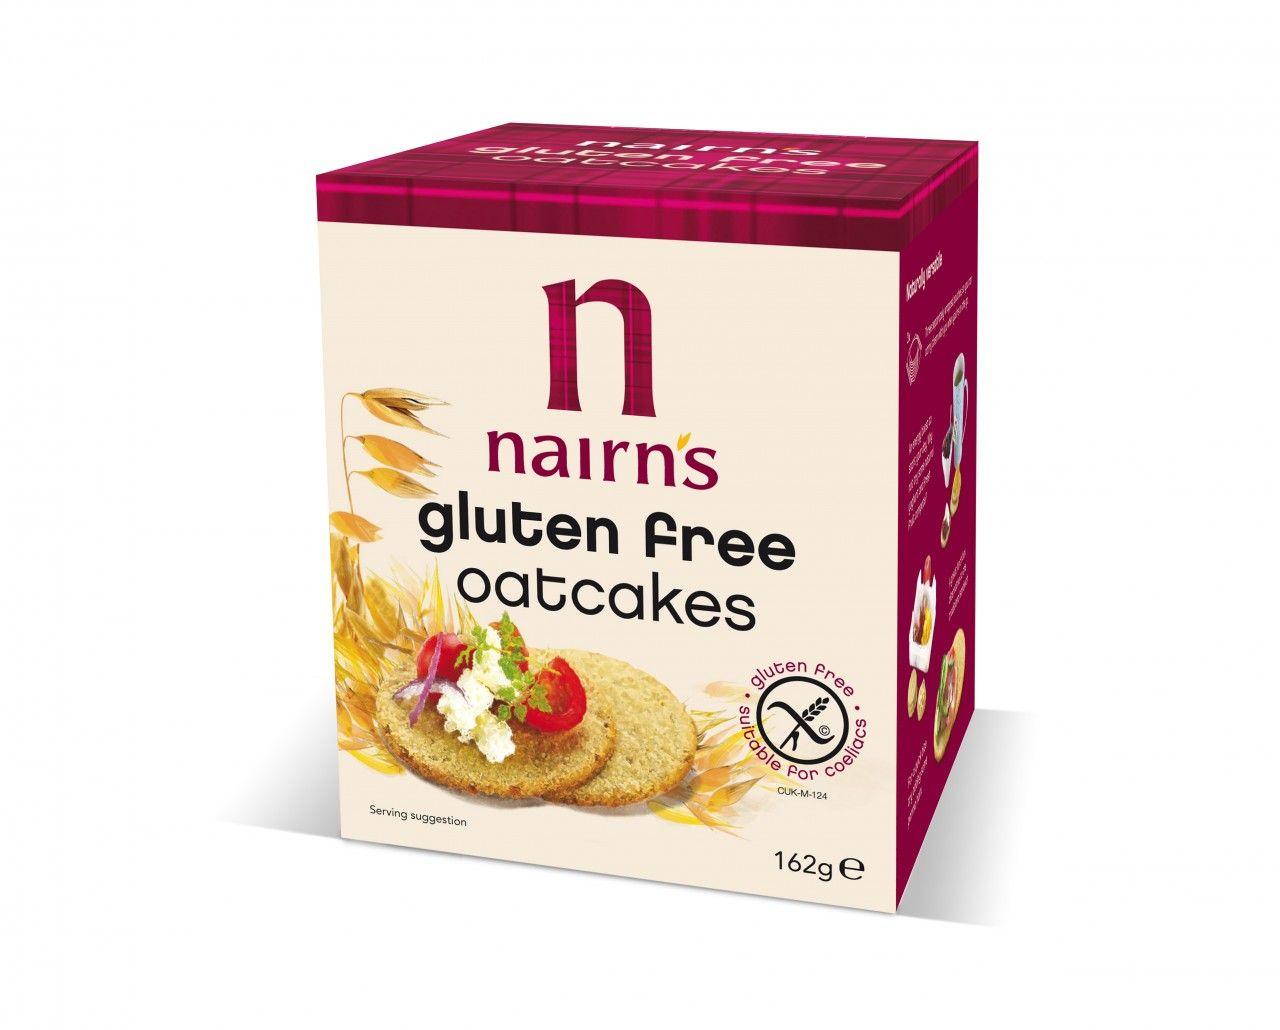 Oatcakes gluten free Healthy store bought snacks, Gluten